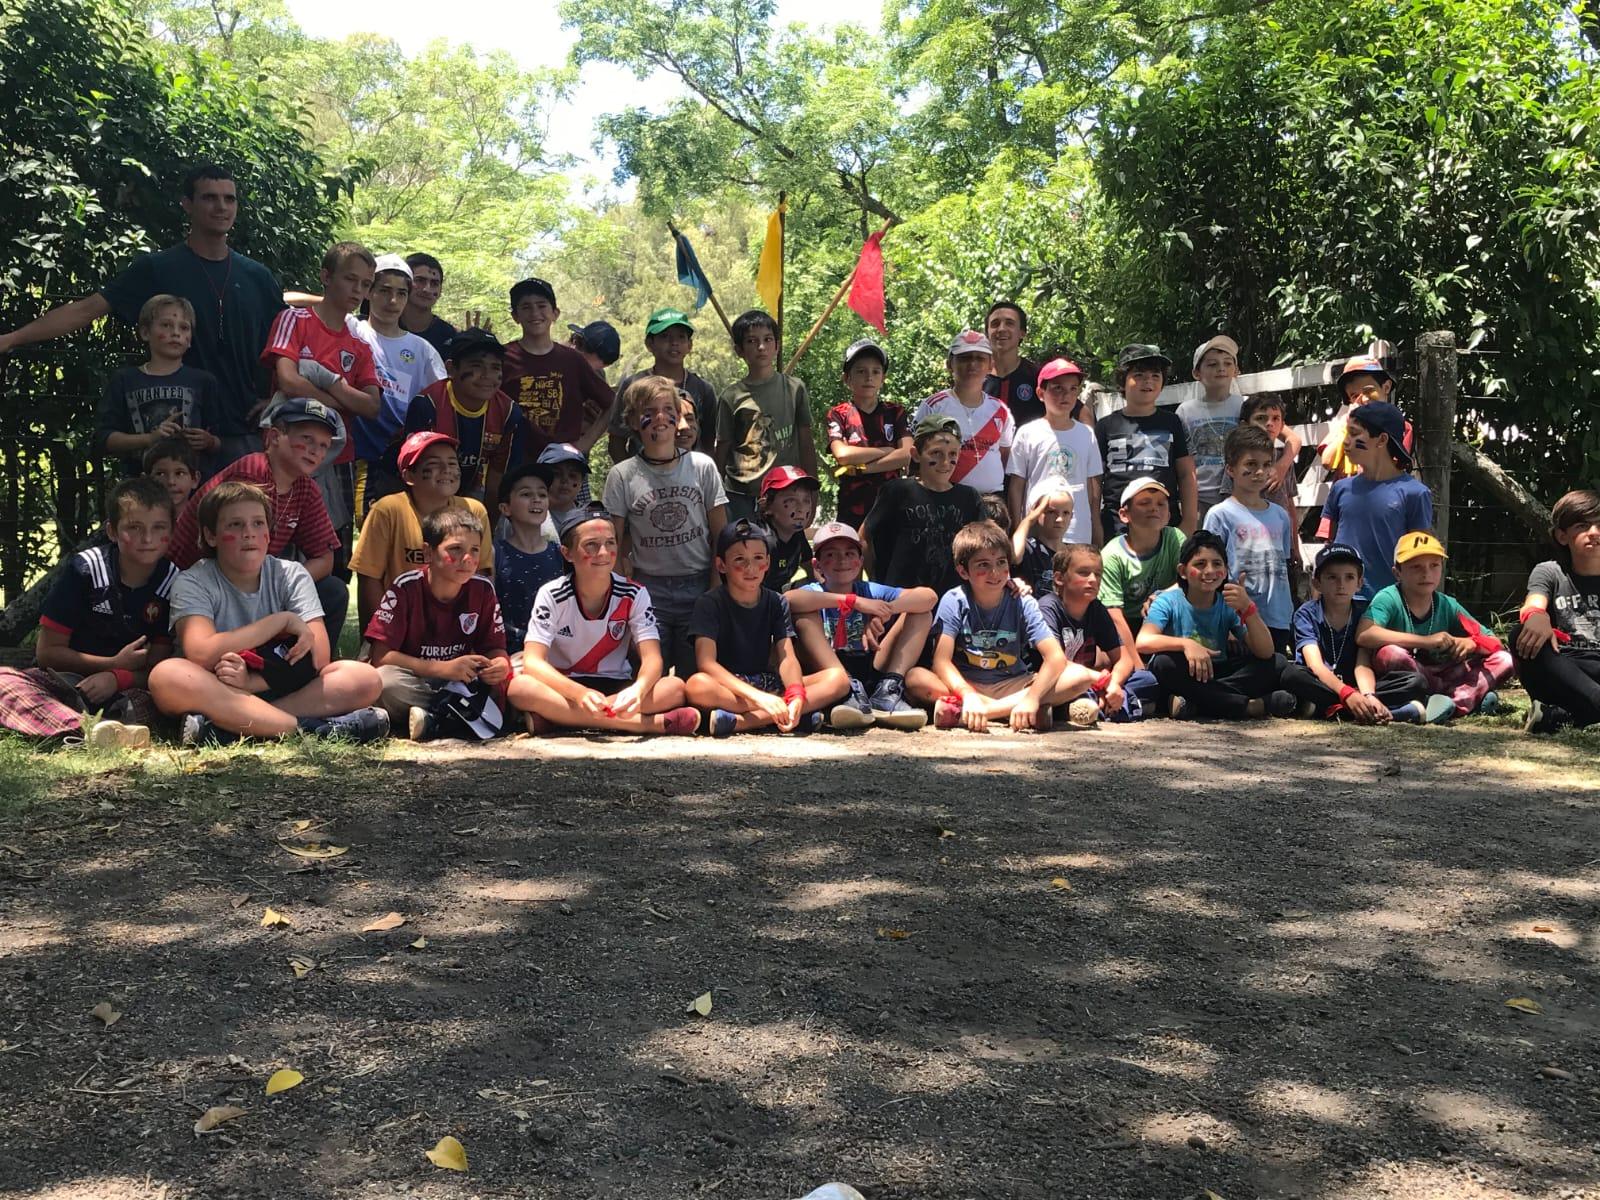 Argentina: Campamento de niños de Mercedes, Buenos Aires